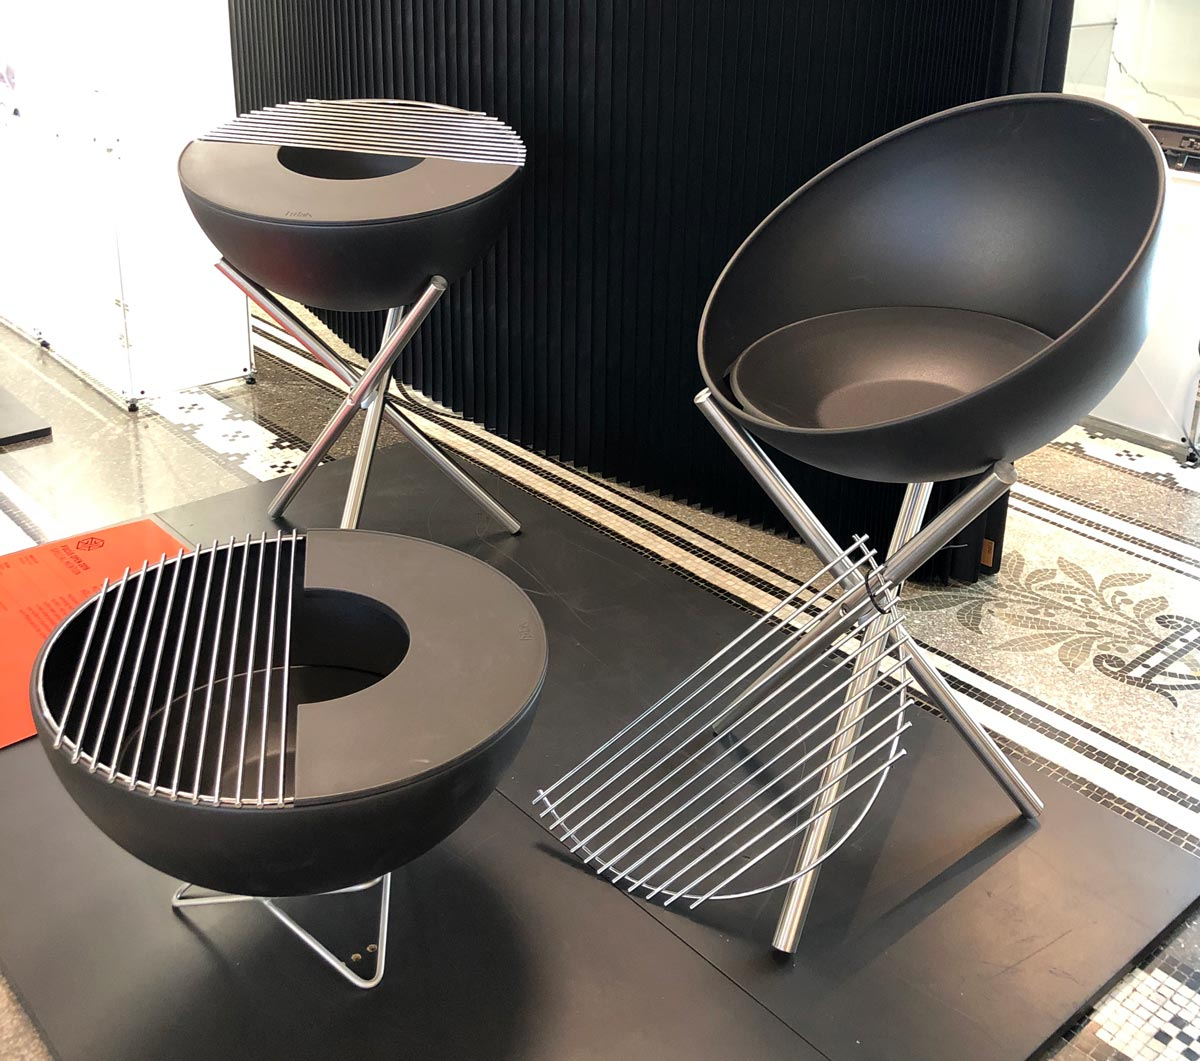 Präsentation dreier Holzkohlegrills in schwarz auf je drei Metallbeinen